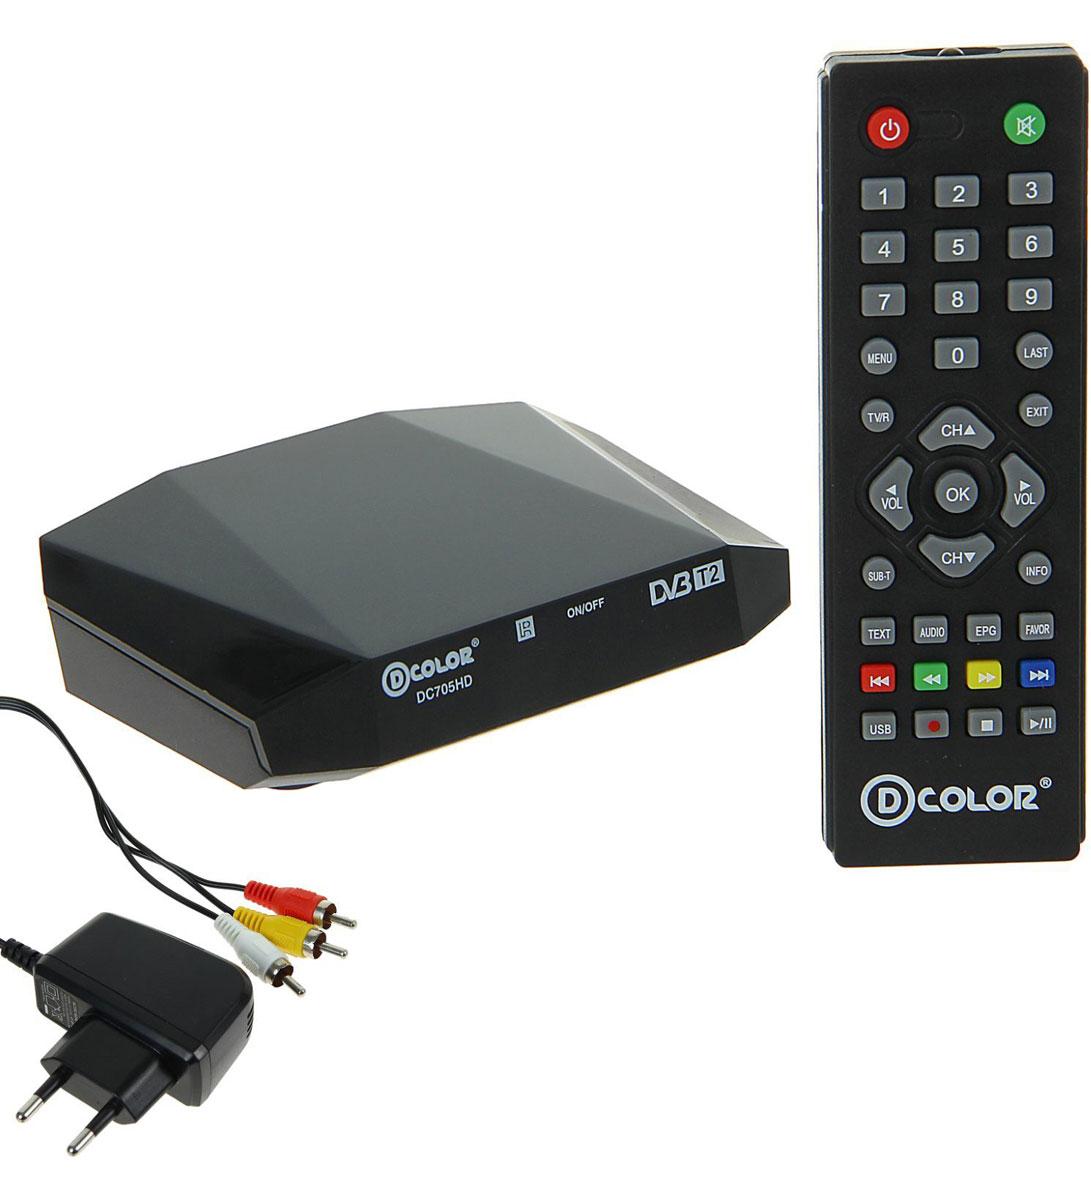 D-Color DC705HD DVB-T2 цифровой ТВ-тюнер - ТВ-ресиверы